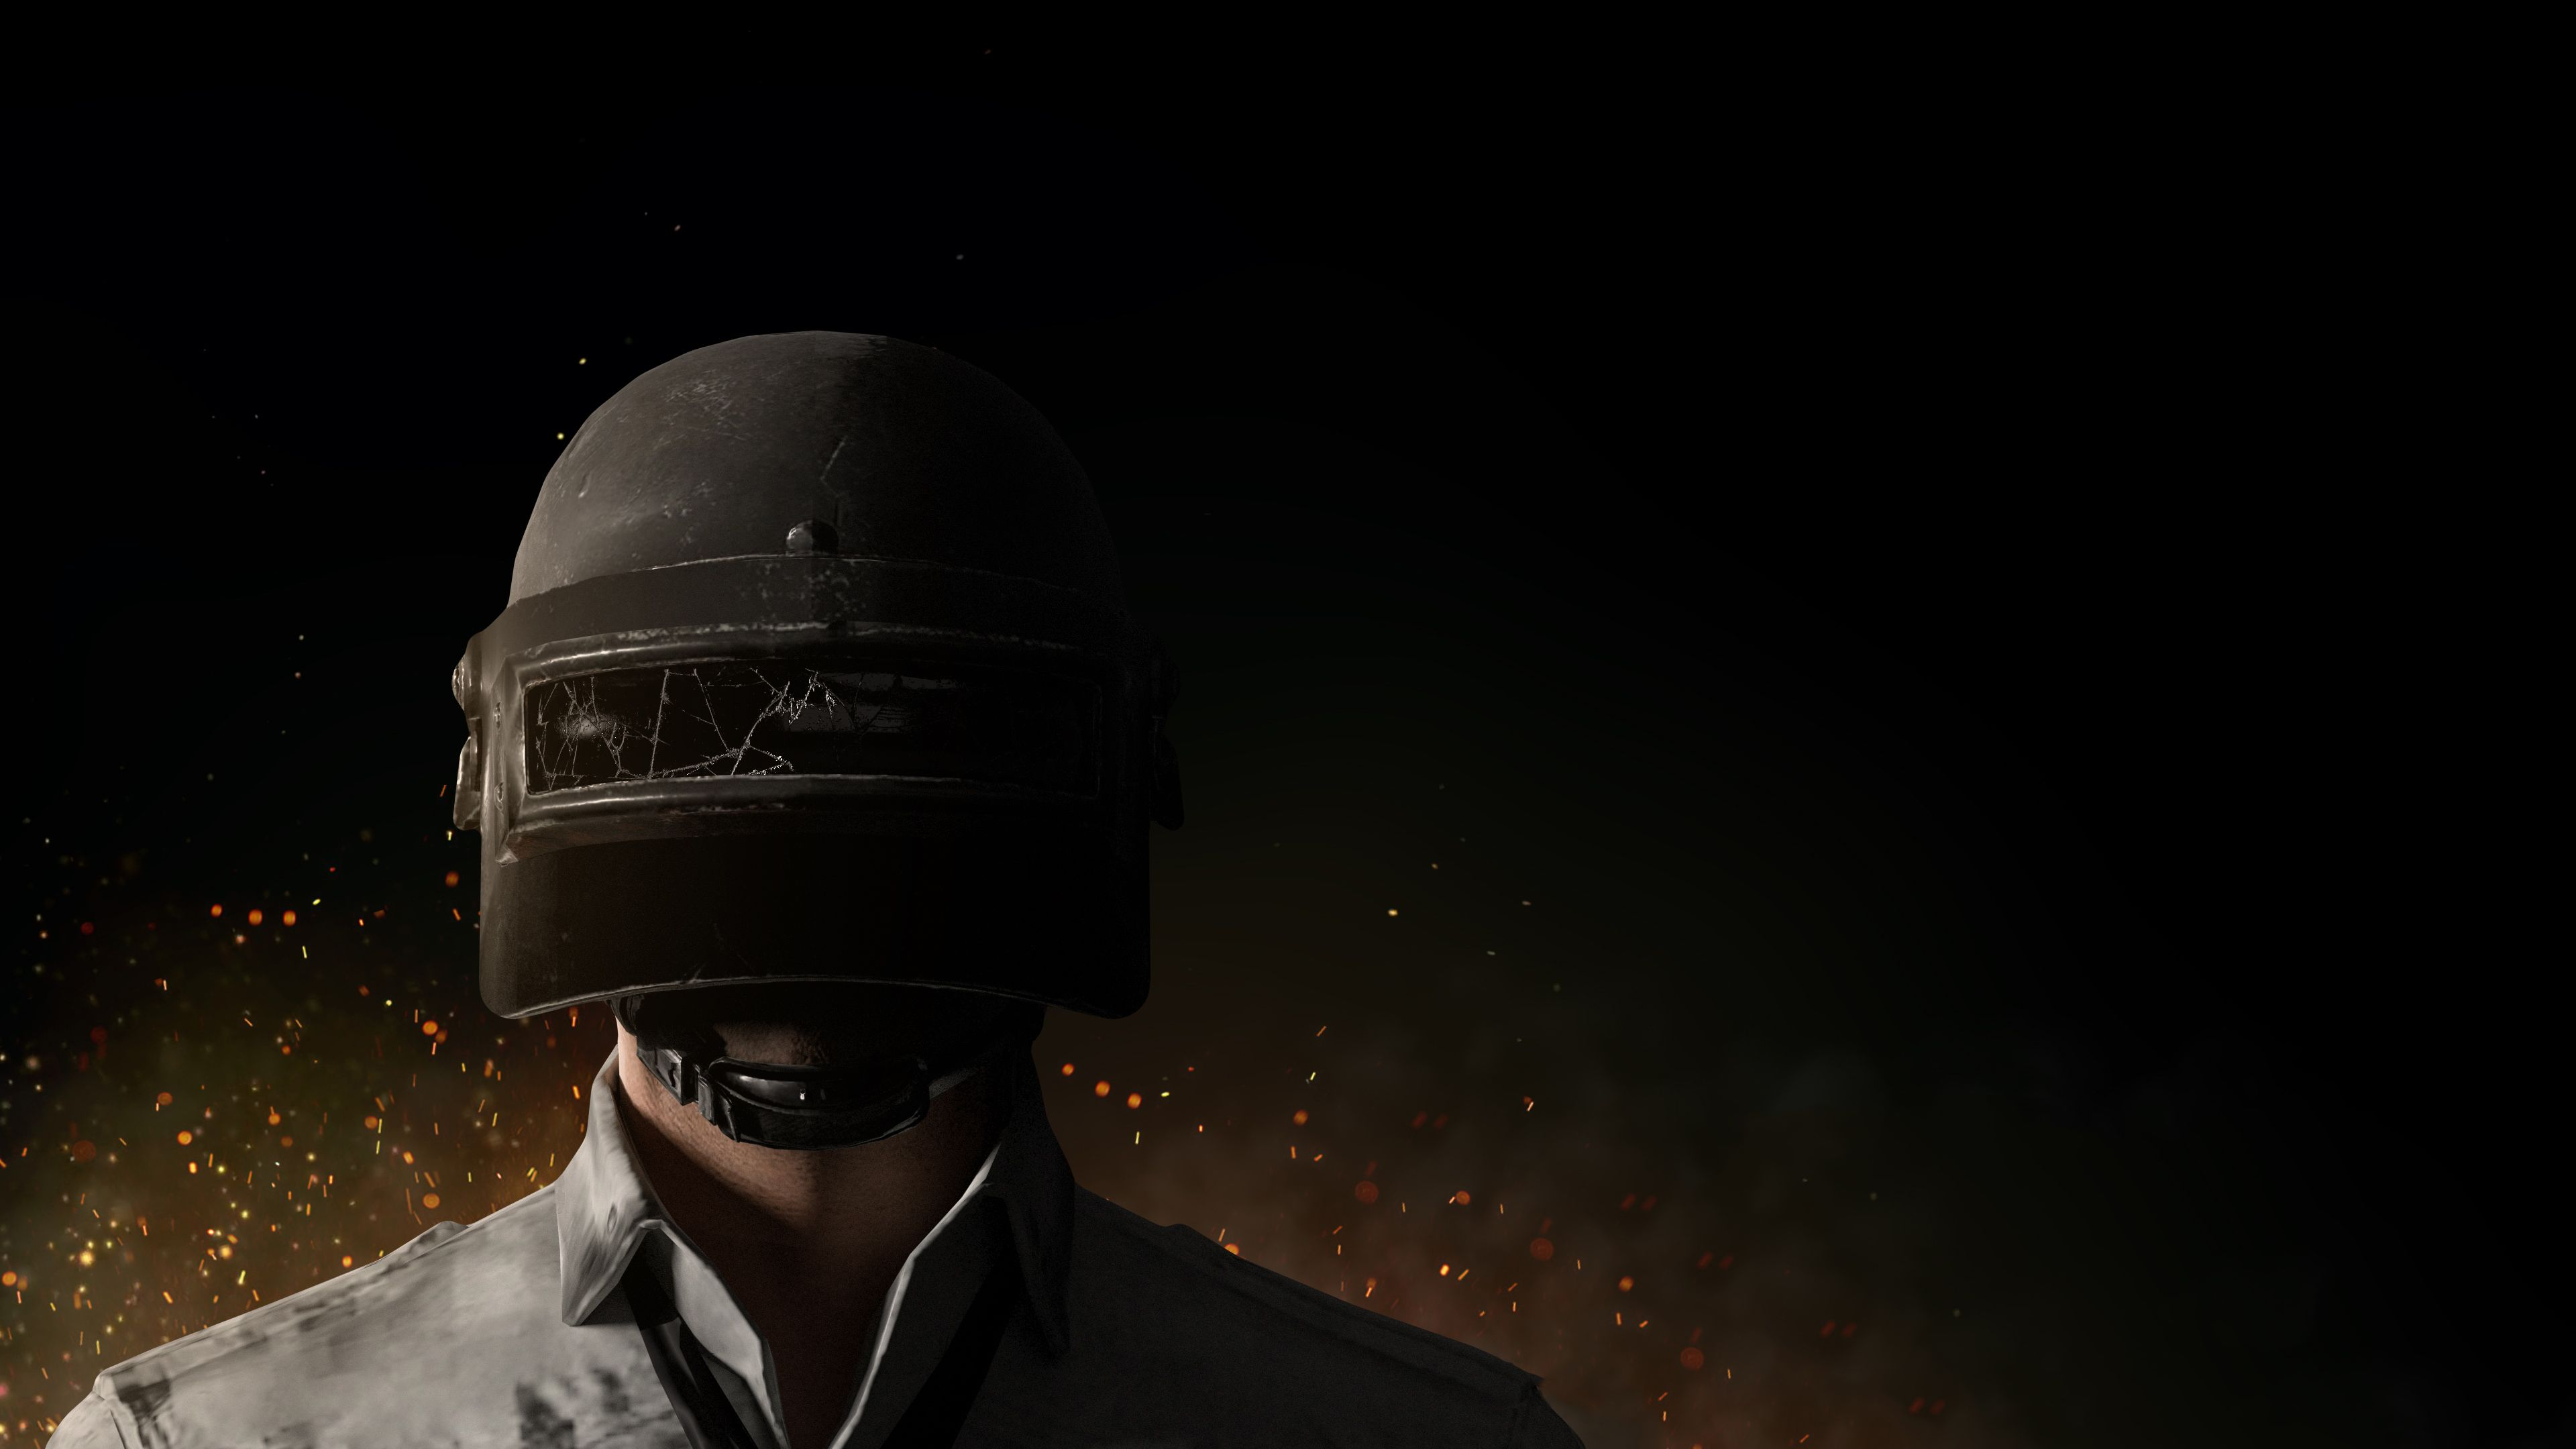 PUBG Helmet Guy 4k pubg wallpapers playerunknowns battlegrounds 3840x2160